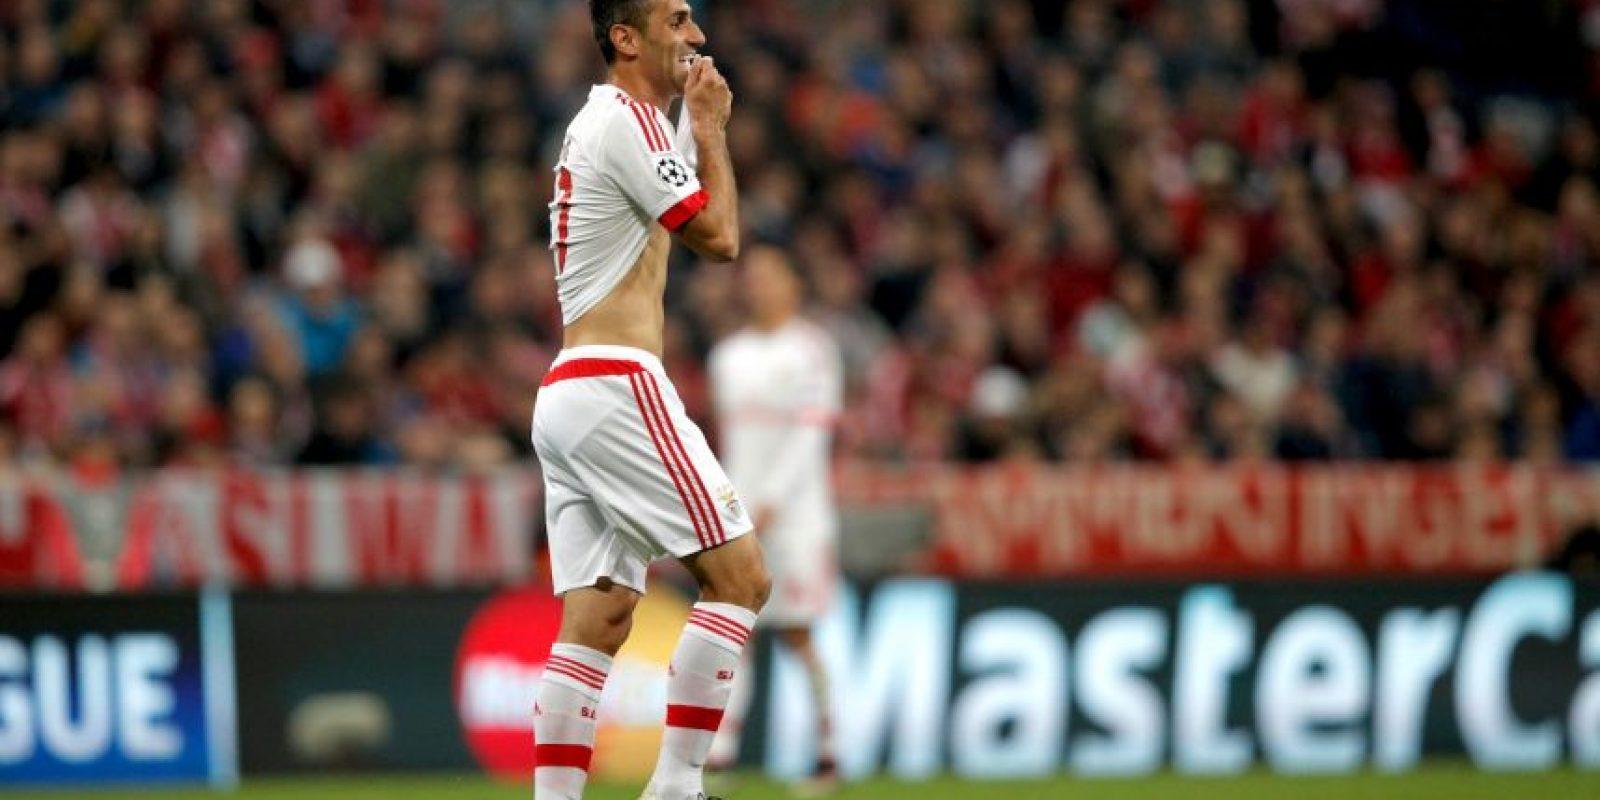 4. Jonas Gonçalves Foto:Getty Images